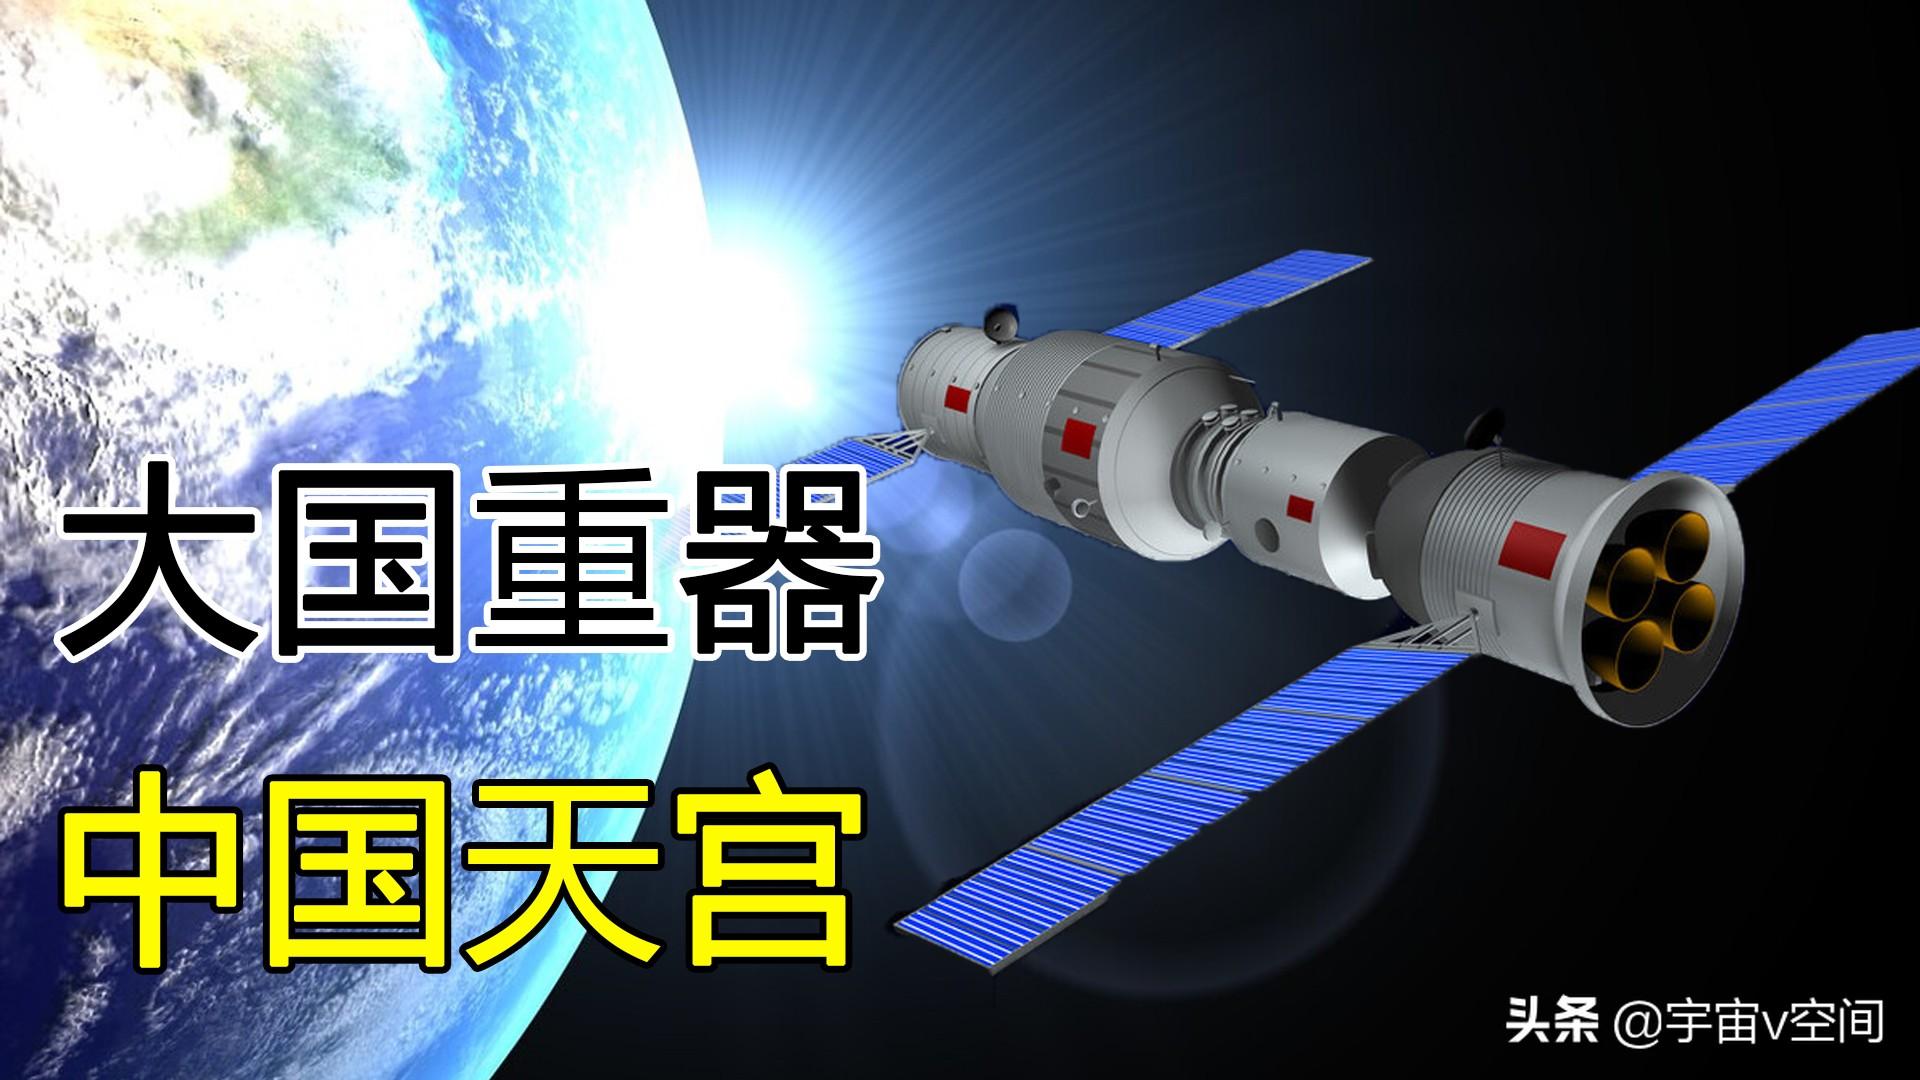 大国重器,建造空间站有多难?为何只有中国可以独自完成?